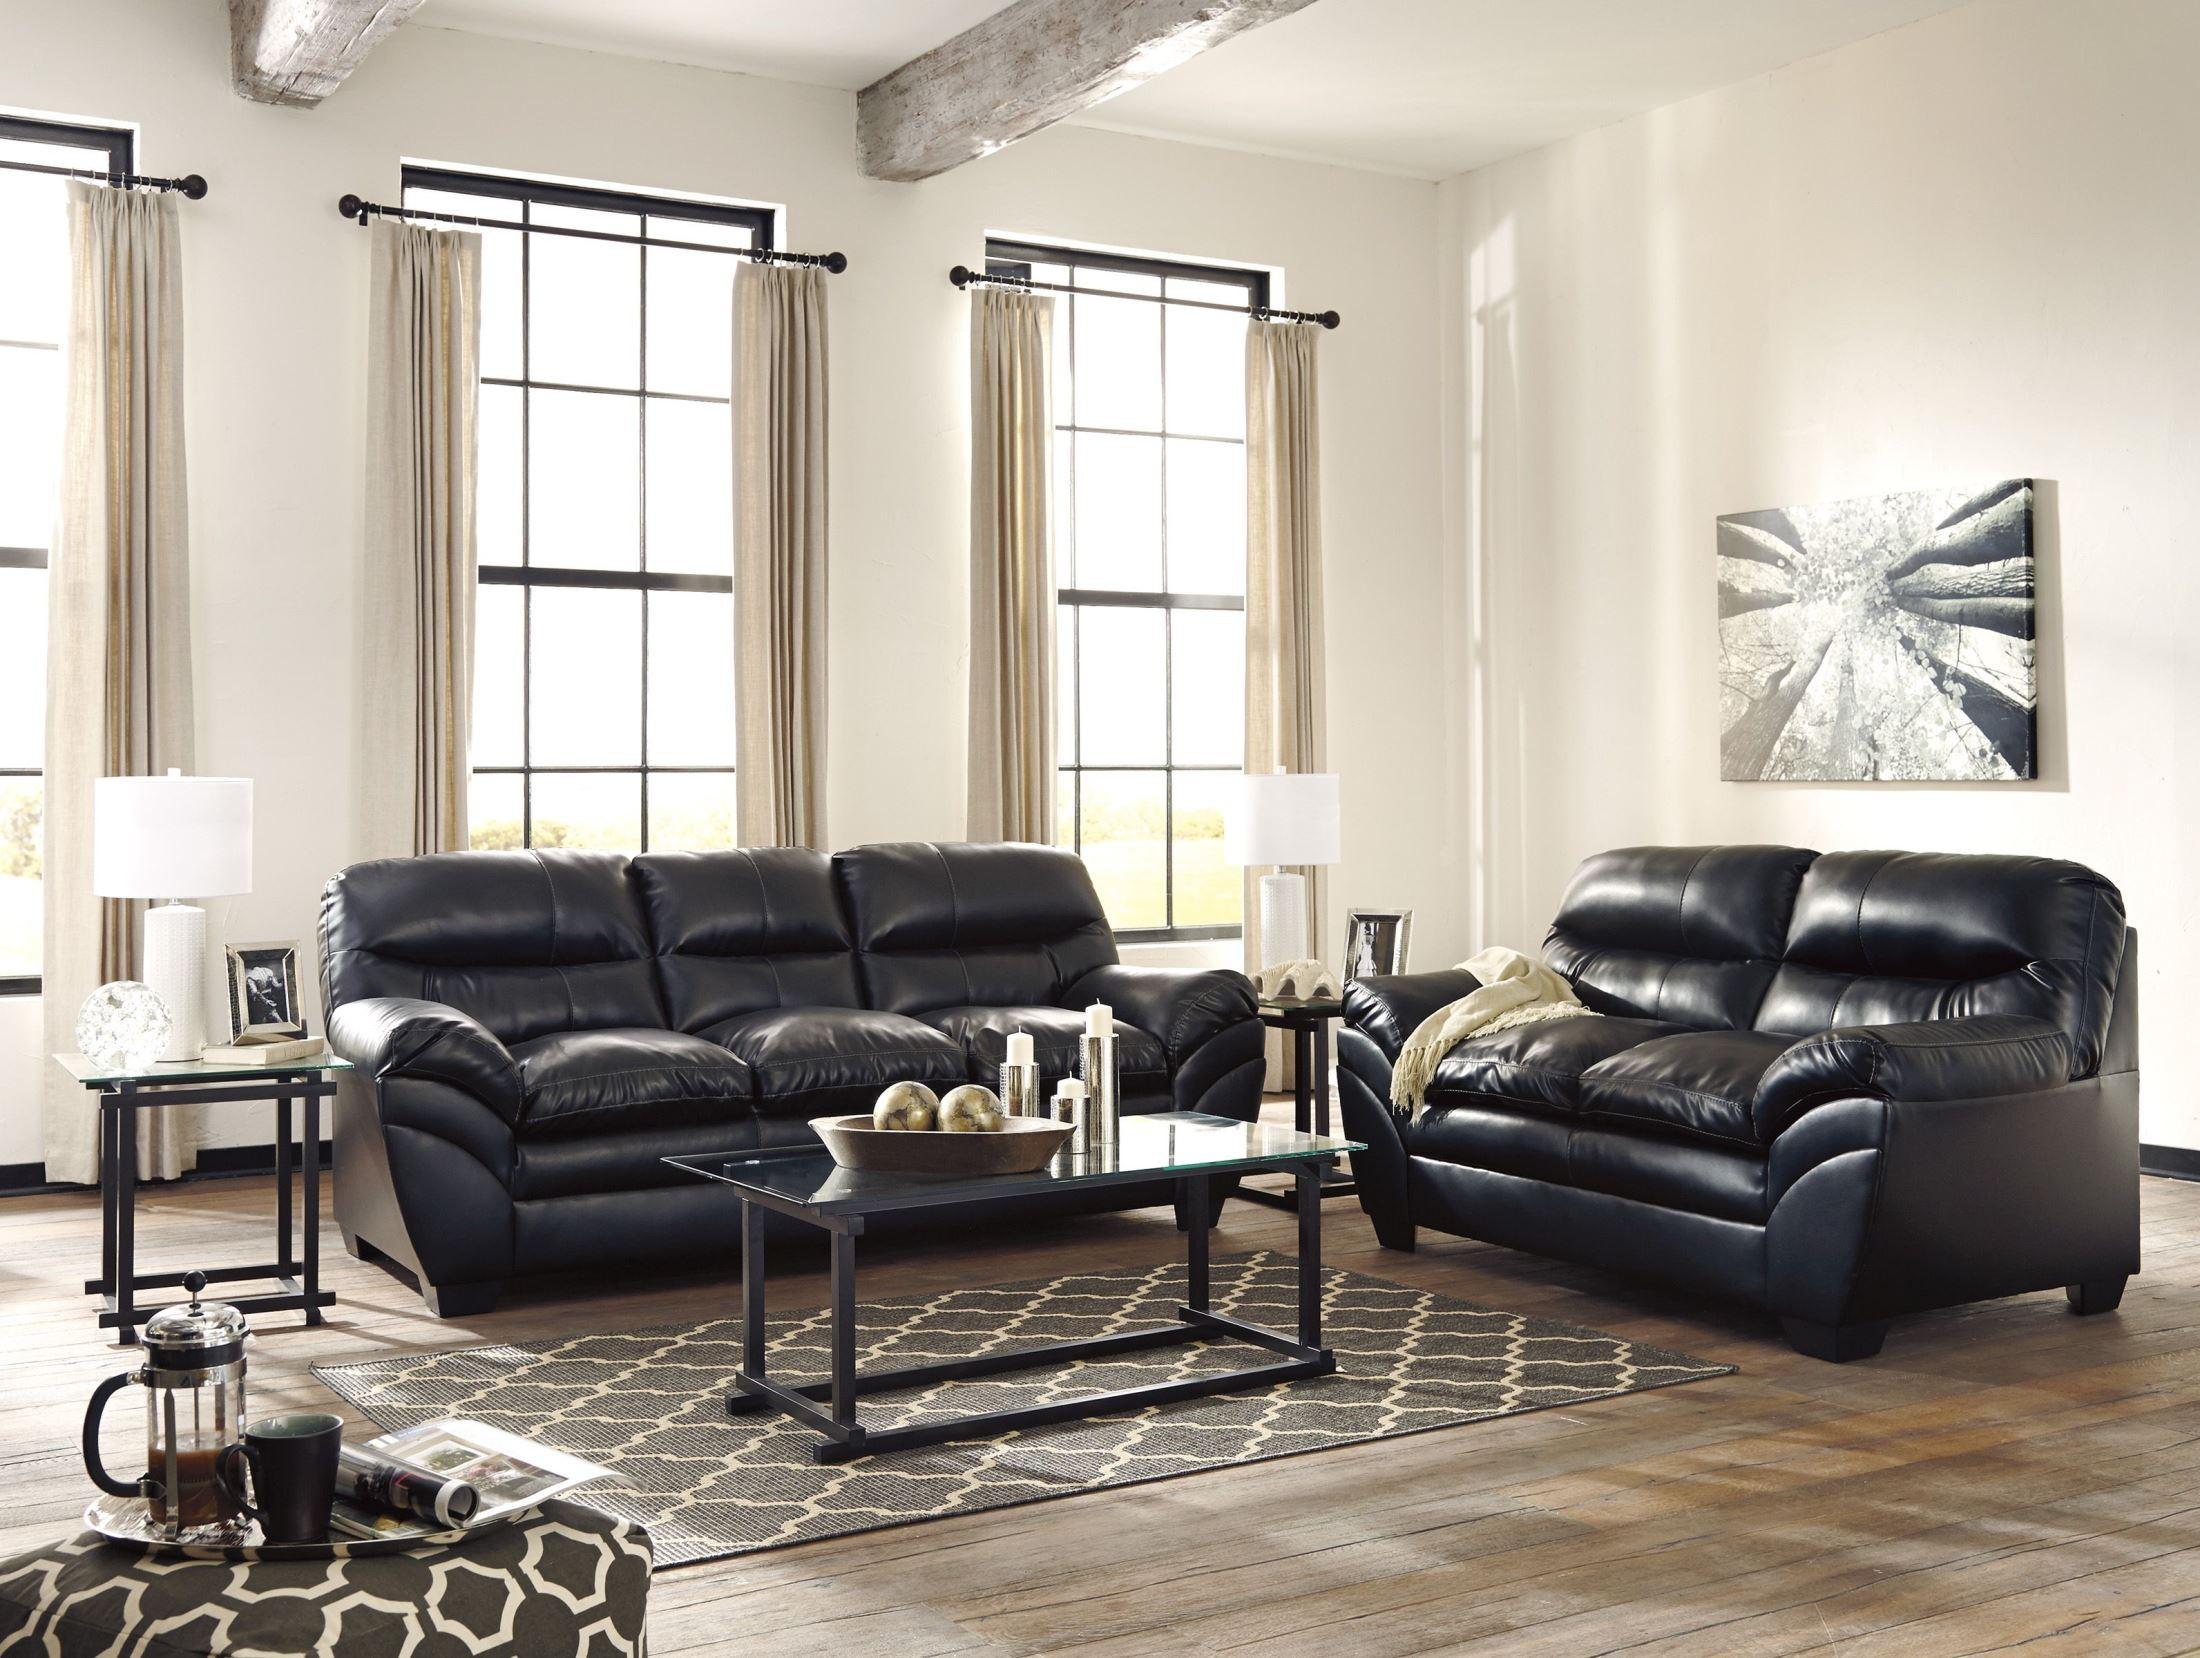 Tassler Durablend Black Living Room Set from Ashley